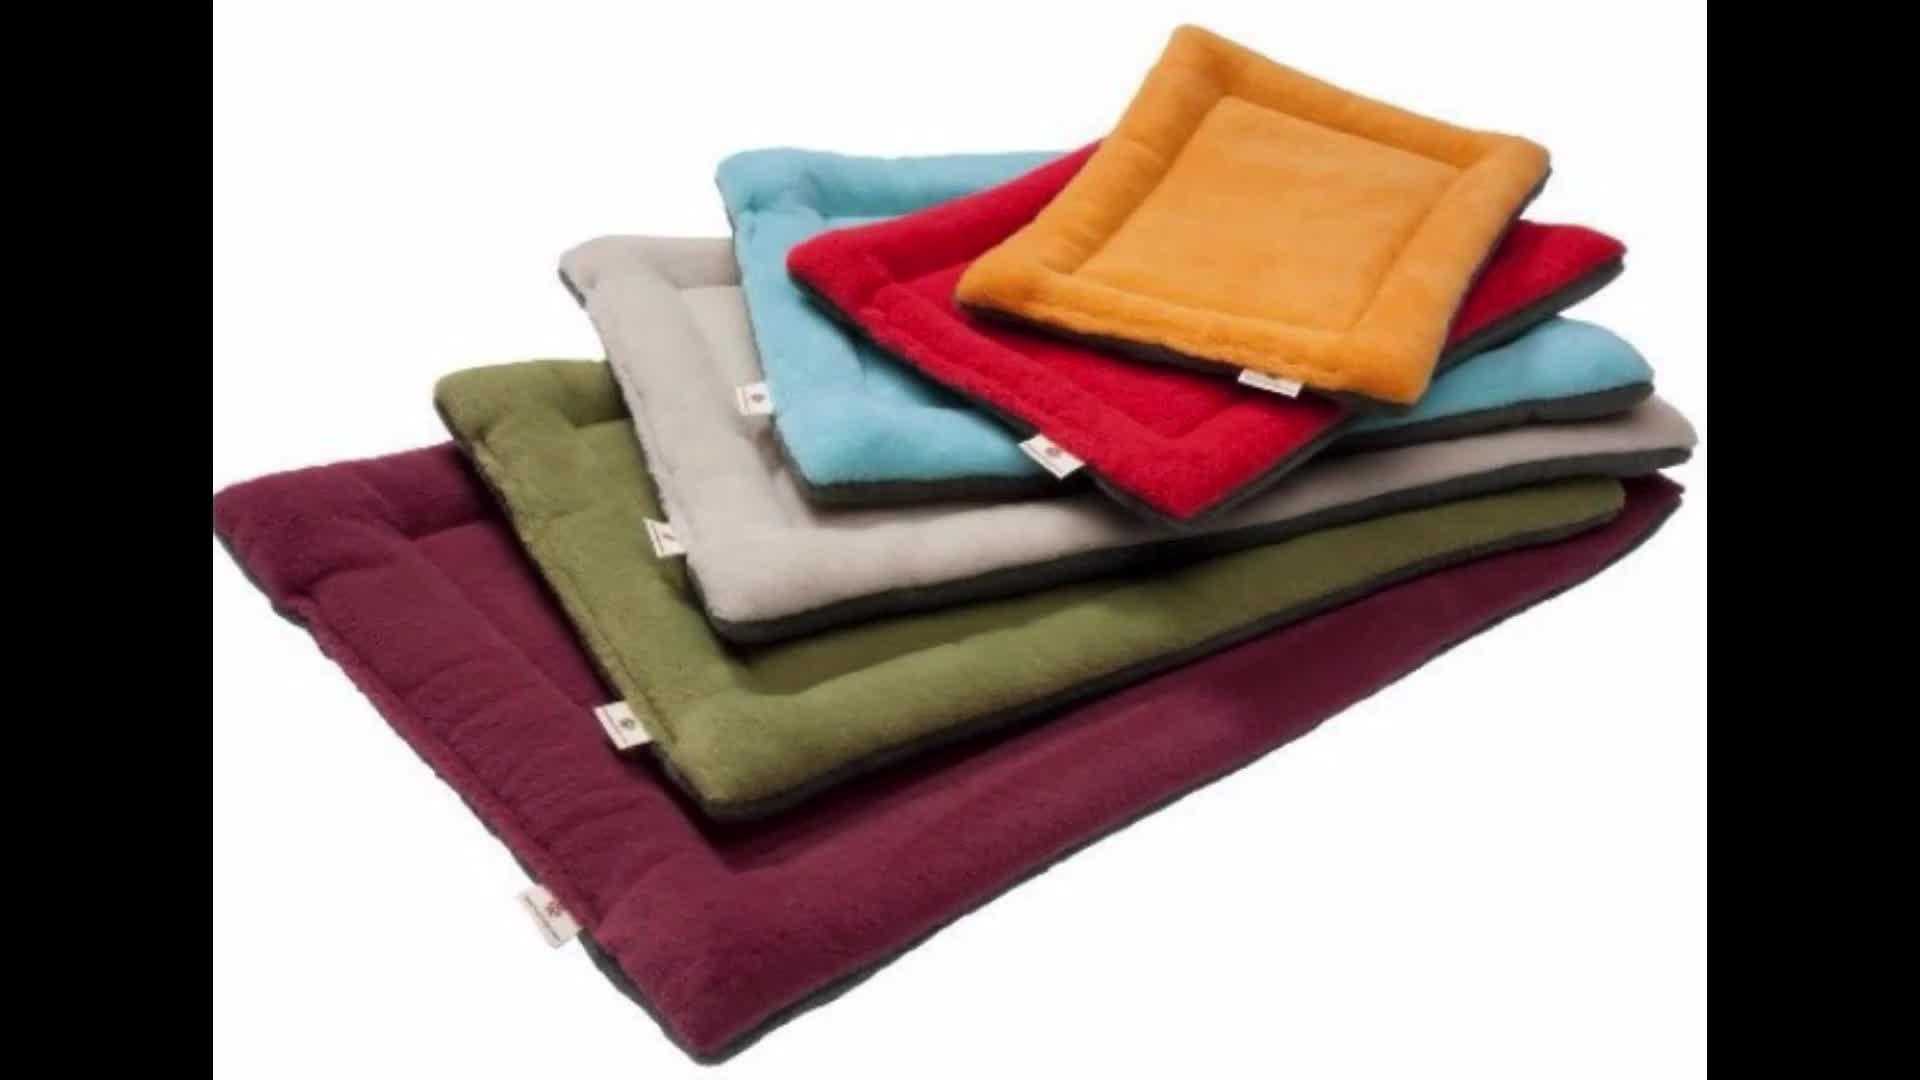 Alfombrillas de invierno para cama de perro, manta cálida de Color suave con forro polar para mascotas, fundas para cama para perros pequeños, medianos y grandes